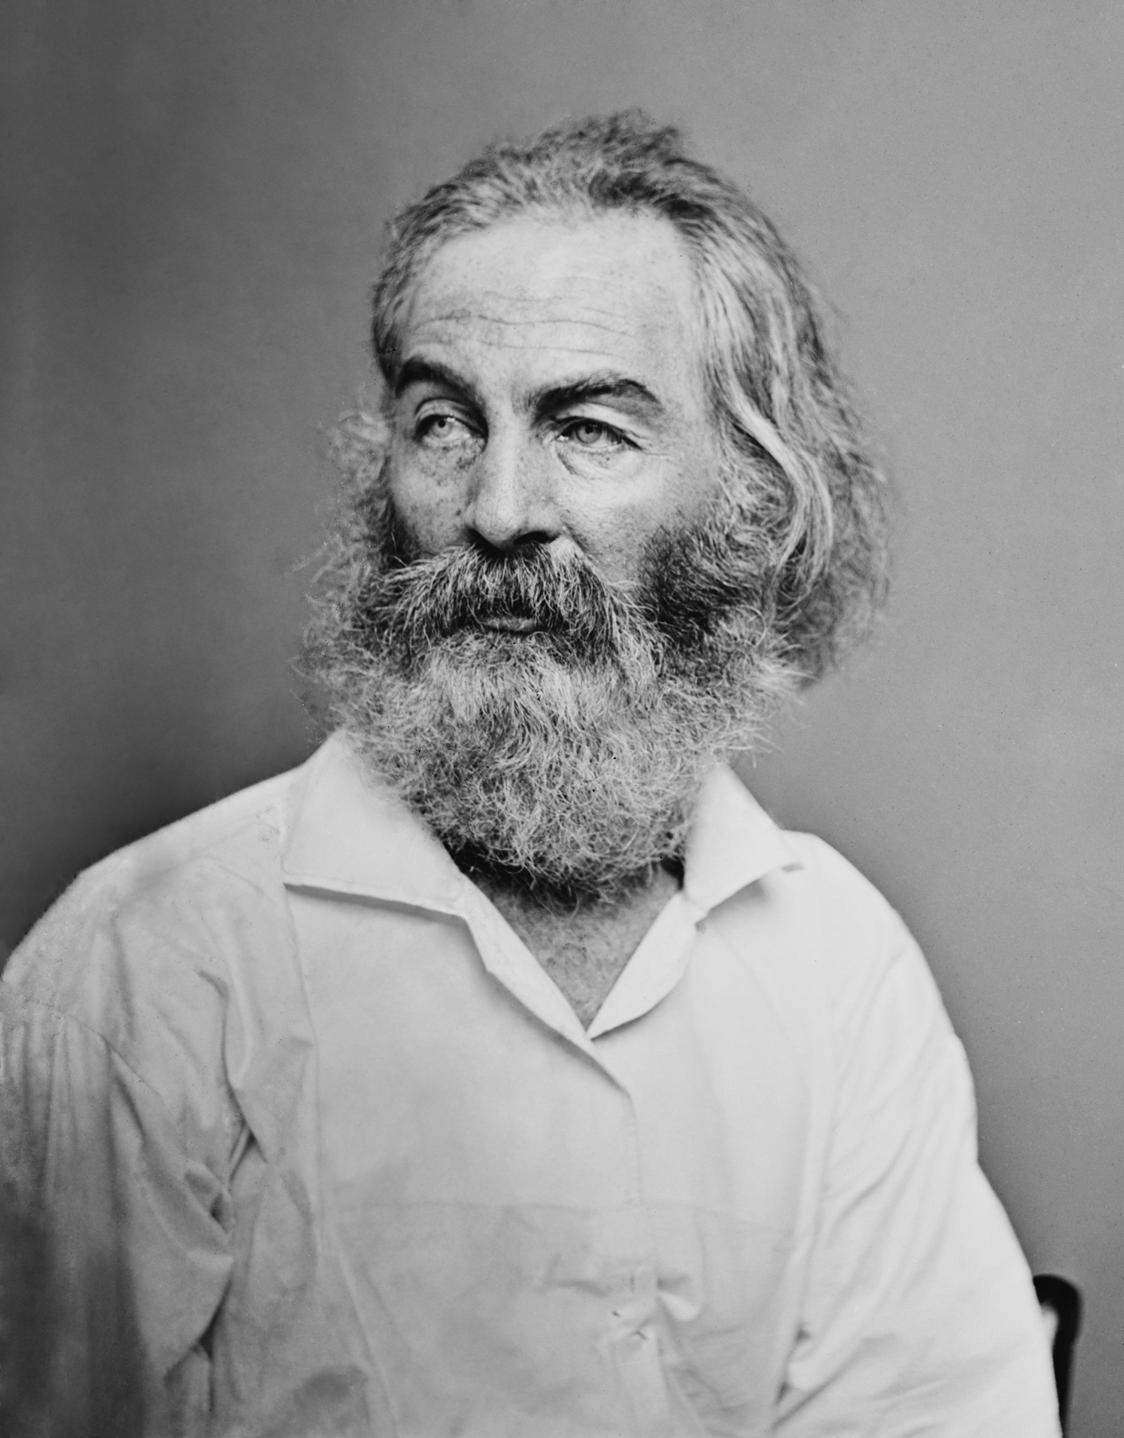 Le roman américain de 1820 à 1930 – Troisième séance : De Whitman à Twain, l'émergence d'une langue américaine originale